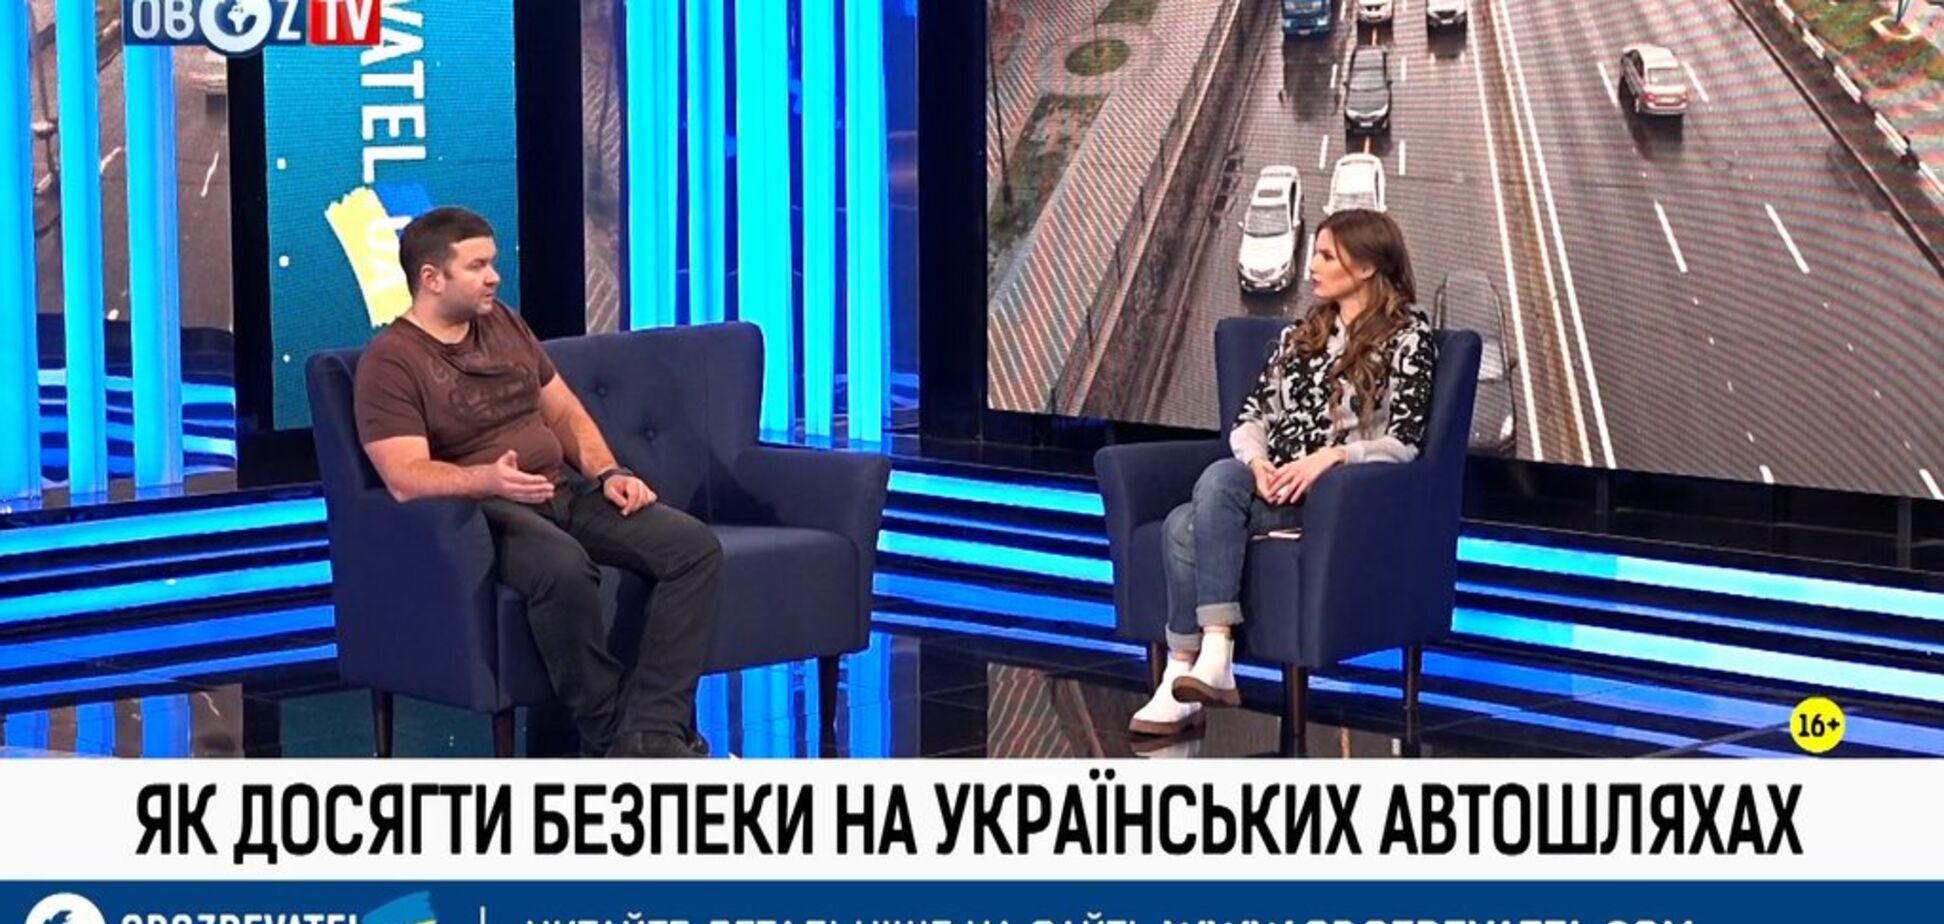 ''Рівень толерантності в суспільстві до порушників ПДР вище, ніж до органів влади'' – Влад Антонов